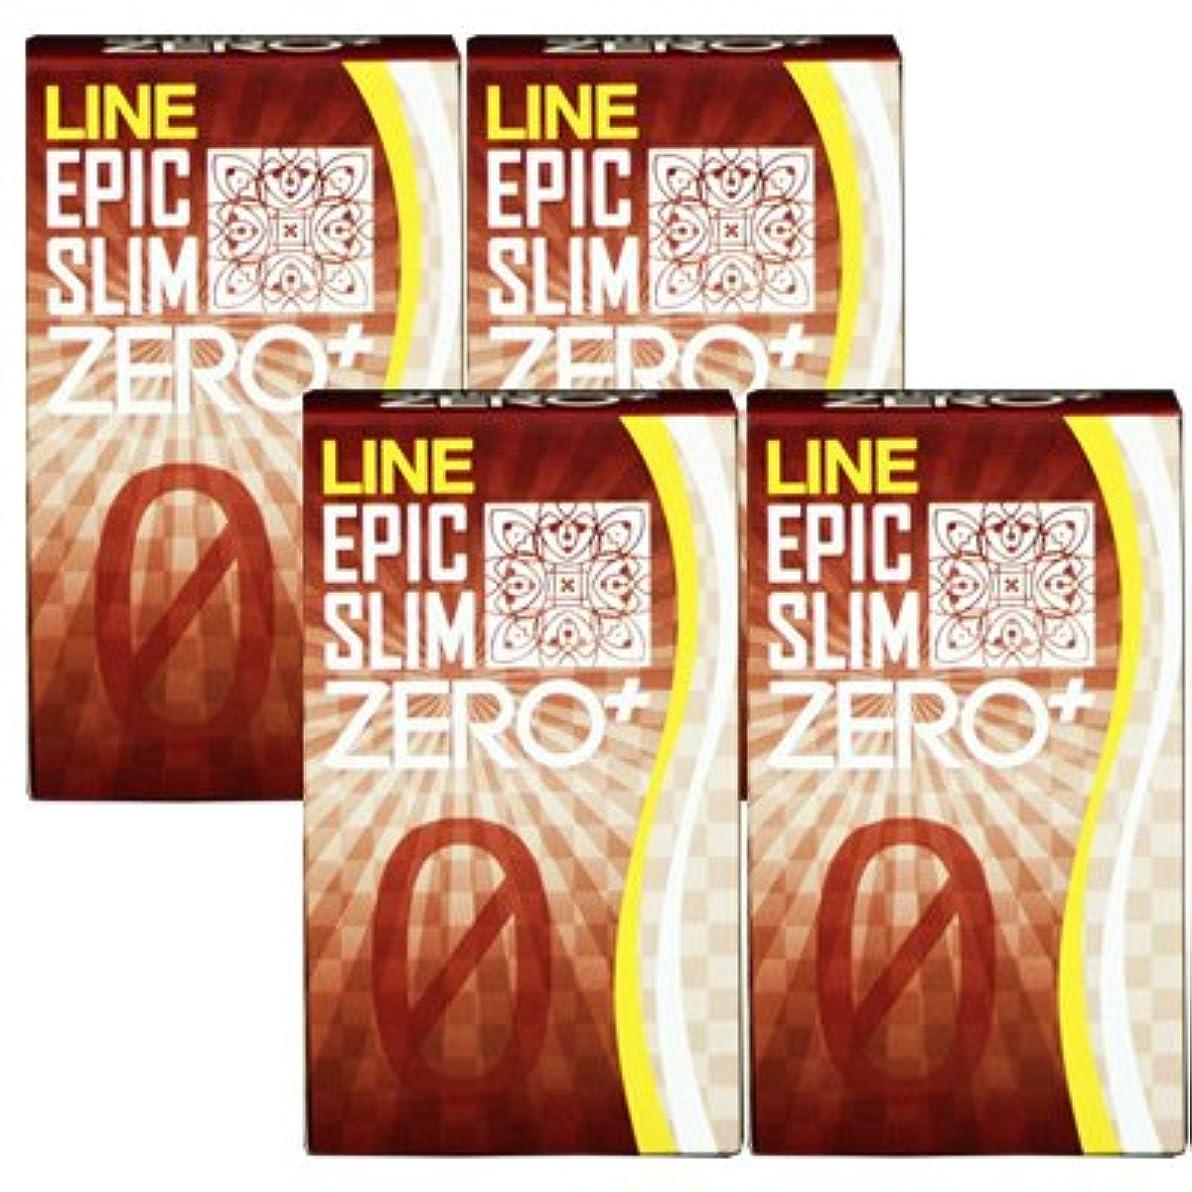 賞ベリー観察するLINE エピックスリム ゼロ PLUS 4個セット Line Epic Slim ZERO PLUS ×4個